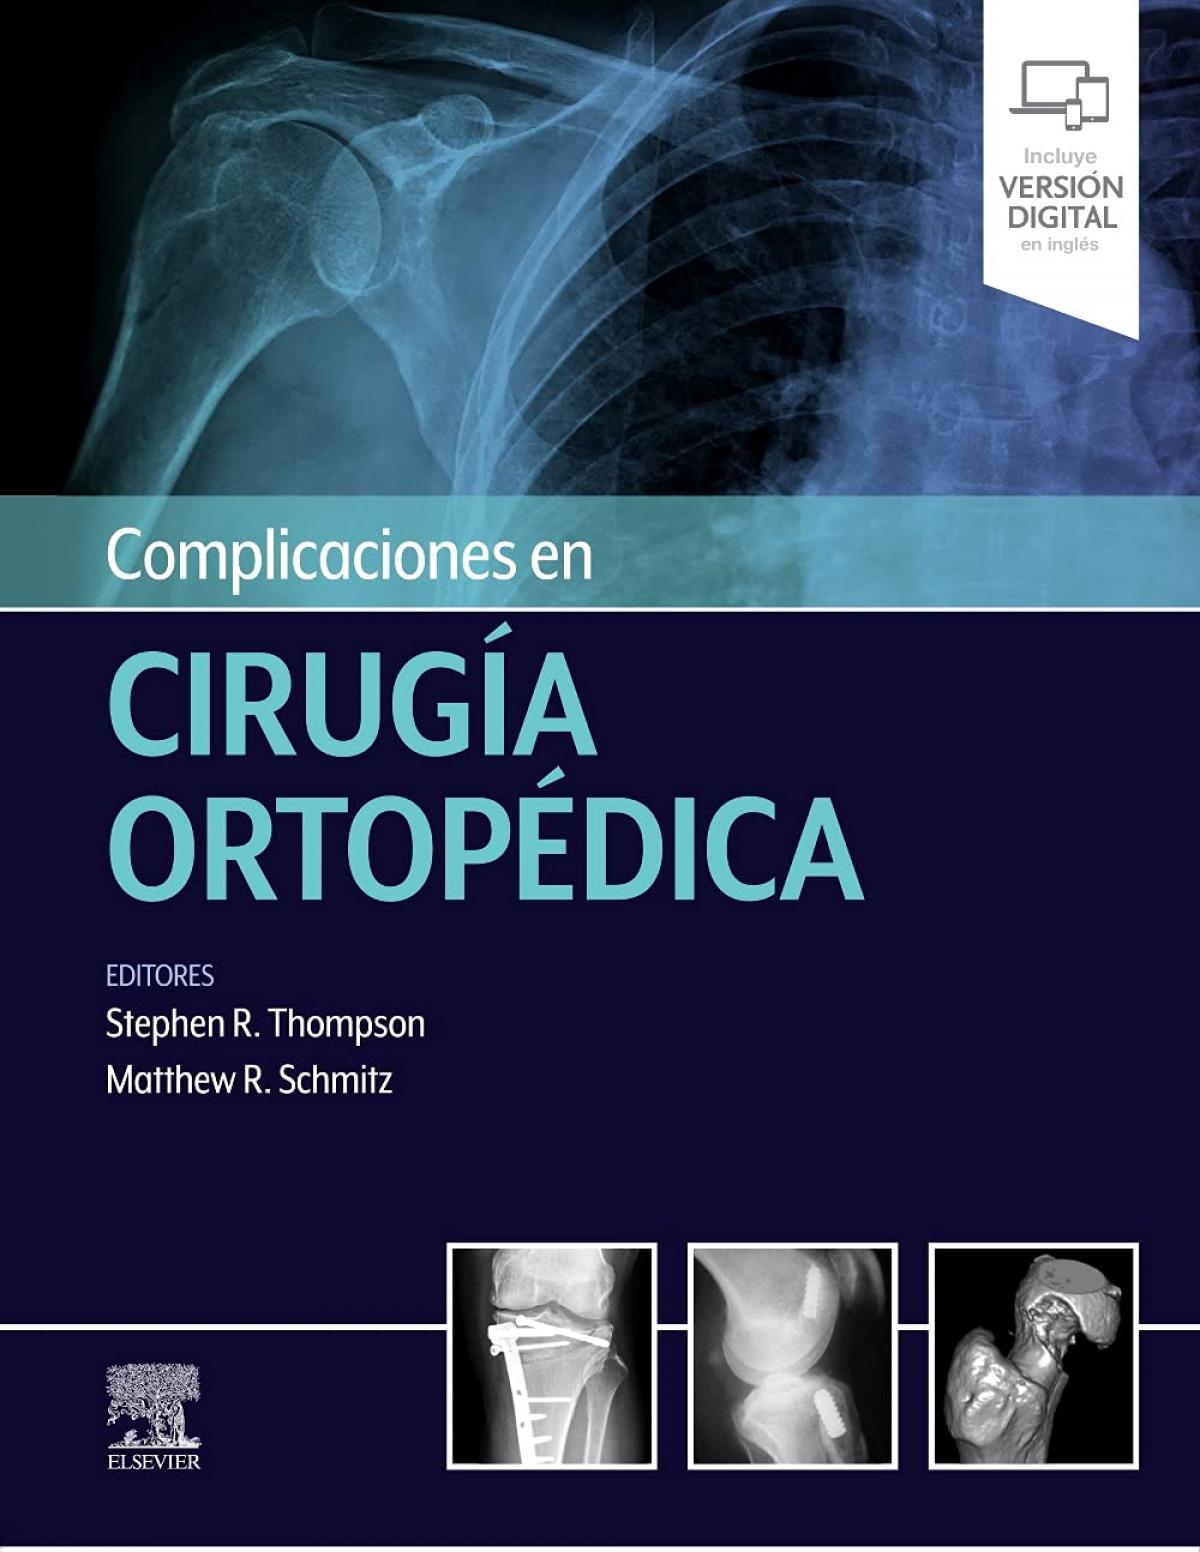 Complicaciones en cirugía ortopédica